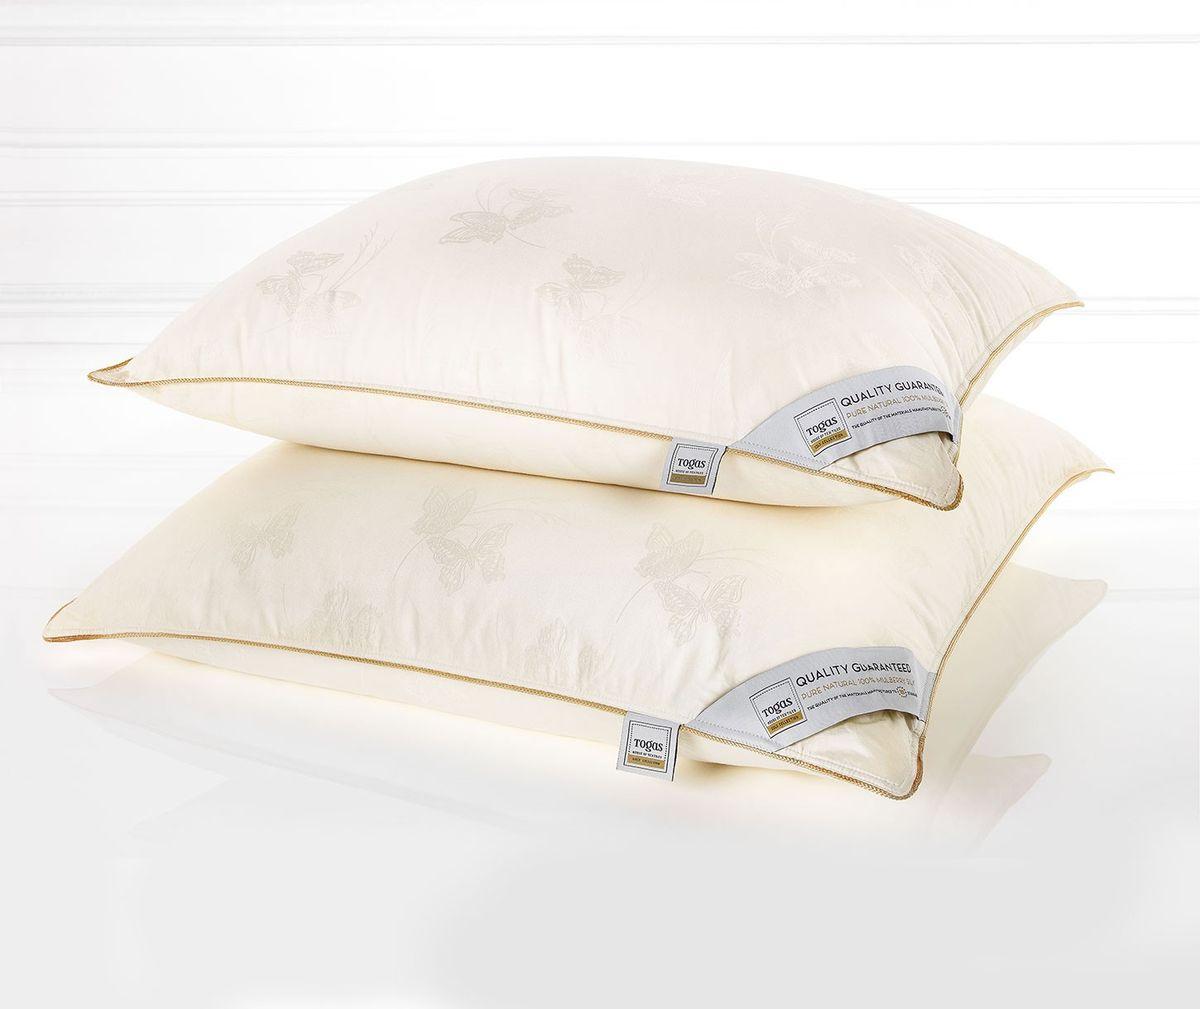 Подушка Togas Батерфляй, наполнитель: шелк, 70 х 70 см16056Чехол подушки Togas Батерфляй выполнен из сатина (100% хлопок). Наполнитель одеяла состоит из 100% шелка.Роскошный сатин, из которого выполнен чехол, по праву считается «королем» хлопка. Изысканный глянец, позволяющий сравнить его с шелком, достигается благодаря особому переплетению волокон, придающему ткани шелковистую мягкость и прочность. Сатин оказывает расслабляющее и оздоравливающее воздействие, хорошо согревает тело и одновременно «дышит», прекрасно впитывает влагу, обладает высокими экологическими показателями и износостойкостью. Он прост в уходе и почти не мнется. Такой чехол, без сомнения, достоин своего драгоценного содержимого!Наполнитель из натурального шелка сорта Малбери отличается особой мягкостью и абсолютной невесомостью. Воплощение совершенного комфорта, оно согревает летом и охлаждает зимой, эффективно работает, пока вы отдыхаете. Все потому, что шелк - прекрасный натуральный терморегулятор. Он быстро поглощает тепло и поддерживает неизменную температуру тела вне зависимости от условий окружающей среды, создавая идеальный микроклимат. Шелк дышит: он хорошо впитывает и испаряет влагу, кондиционирует тело во время сна, насыщая его кислородом. Подушка Togas Батерфляй - настоящий подарок для перфекционистов и утонченных ценителей красоты.